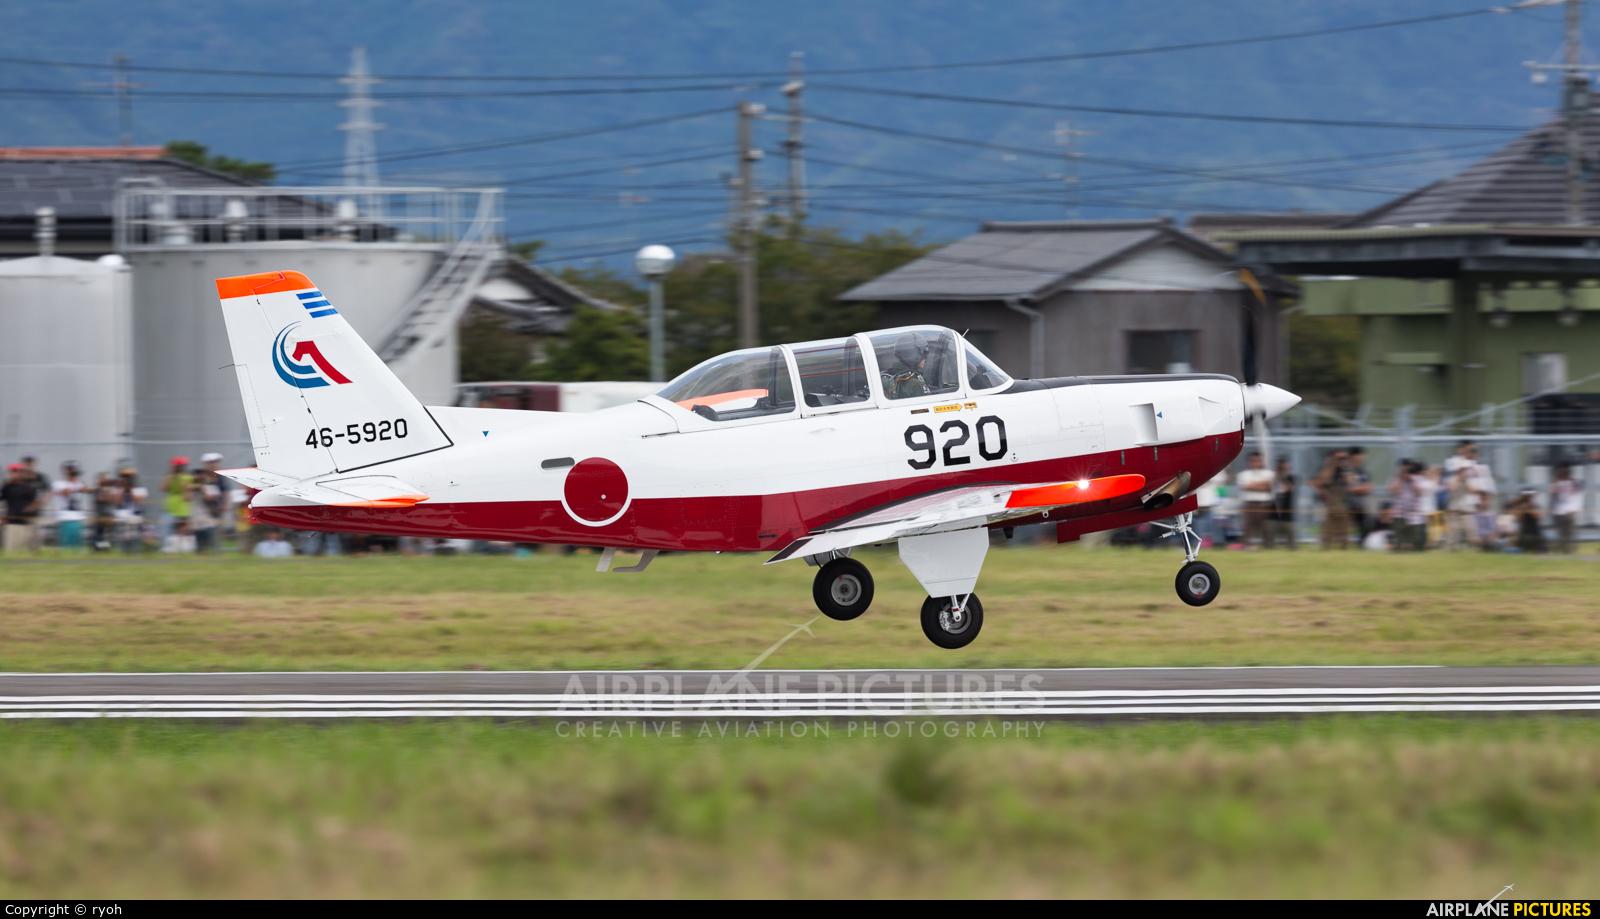 Japan - Air Self Defence Force 46-5920 aircraft at Shizuhama AB